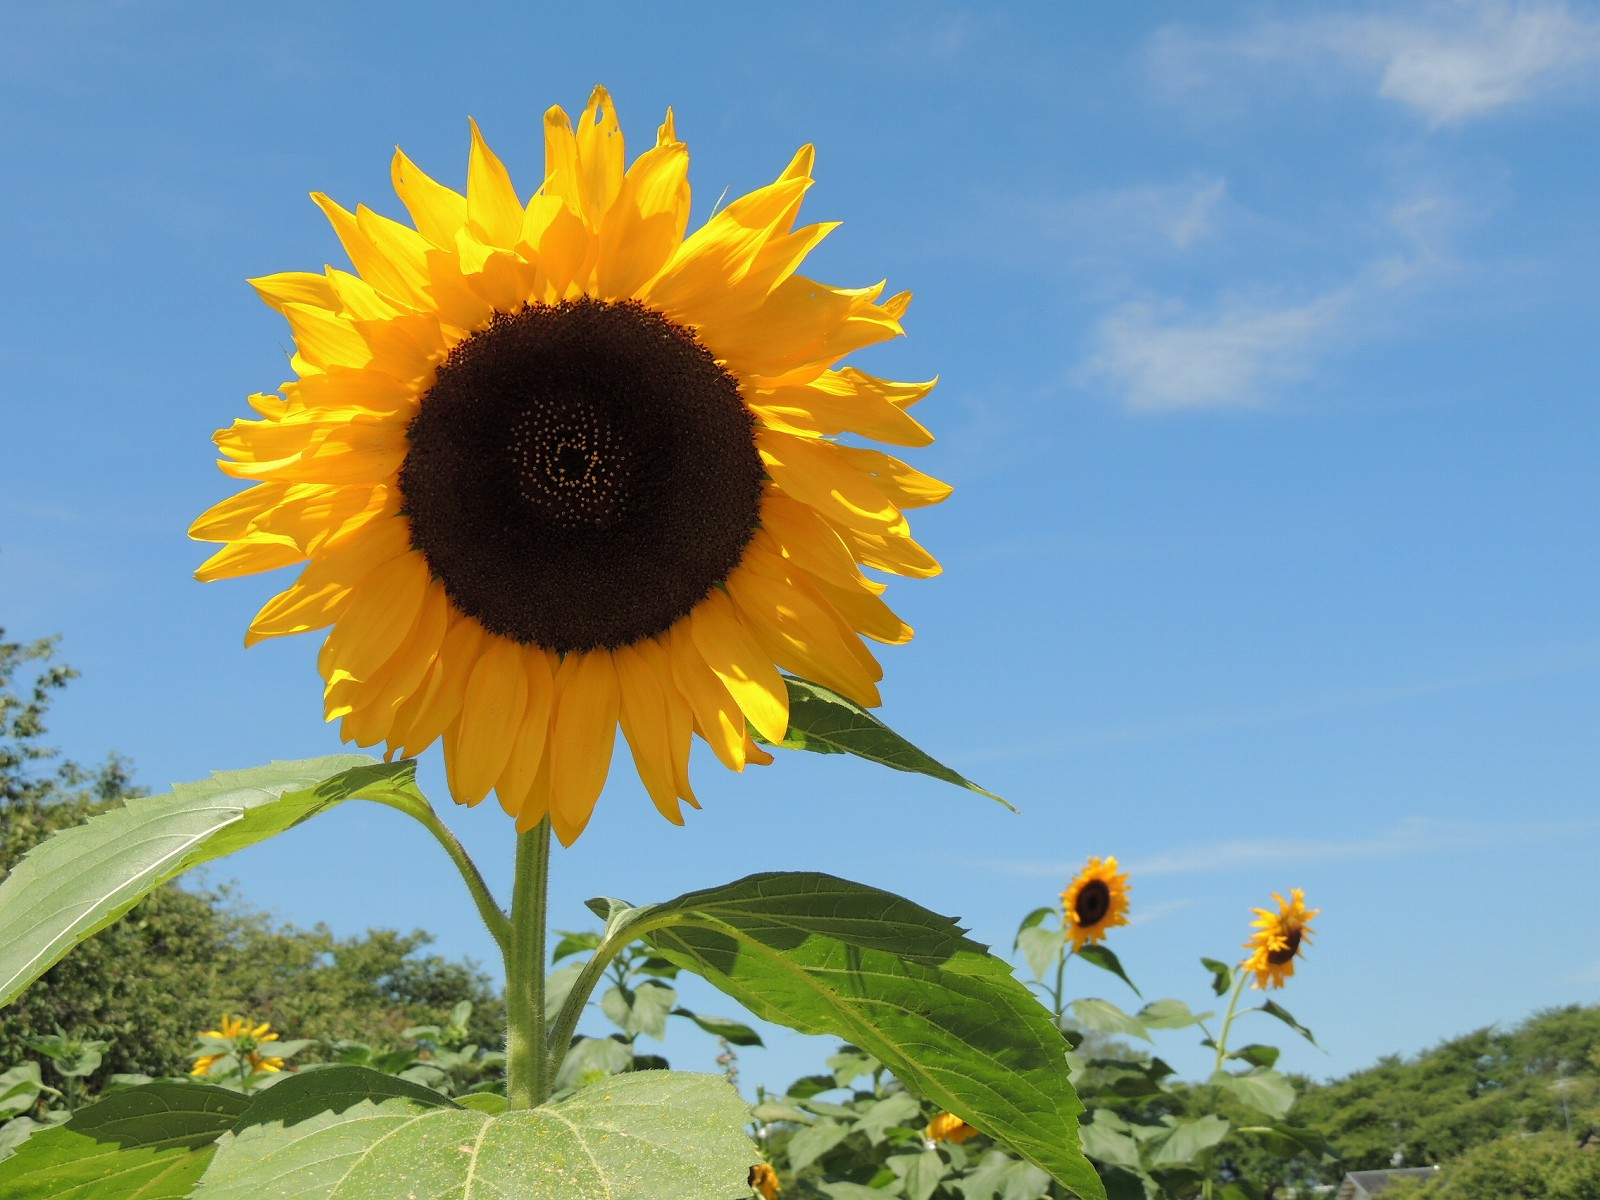 冷夏とは何だったのか…連日の猛暑、エルニーニョは? 発生は秋以降